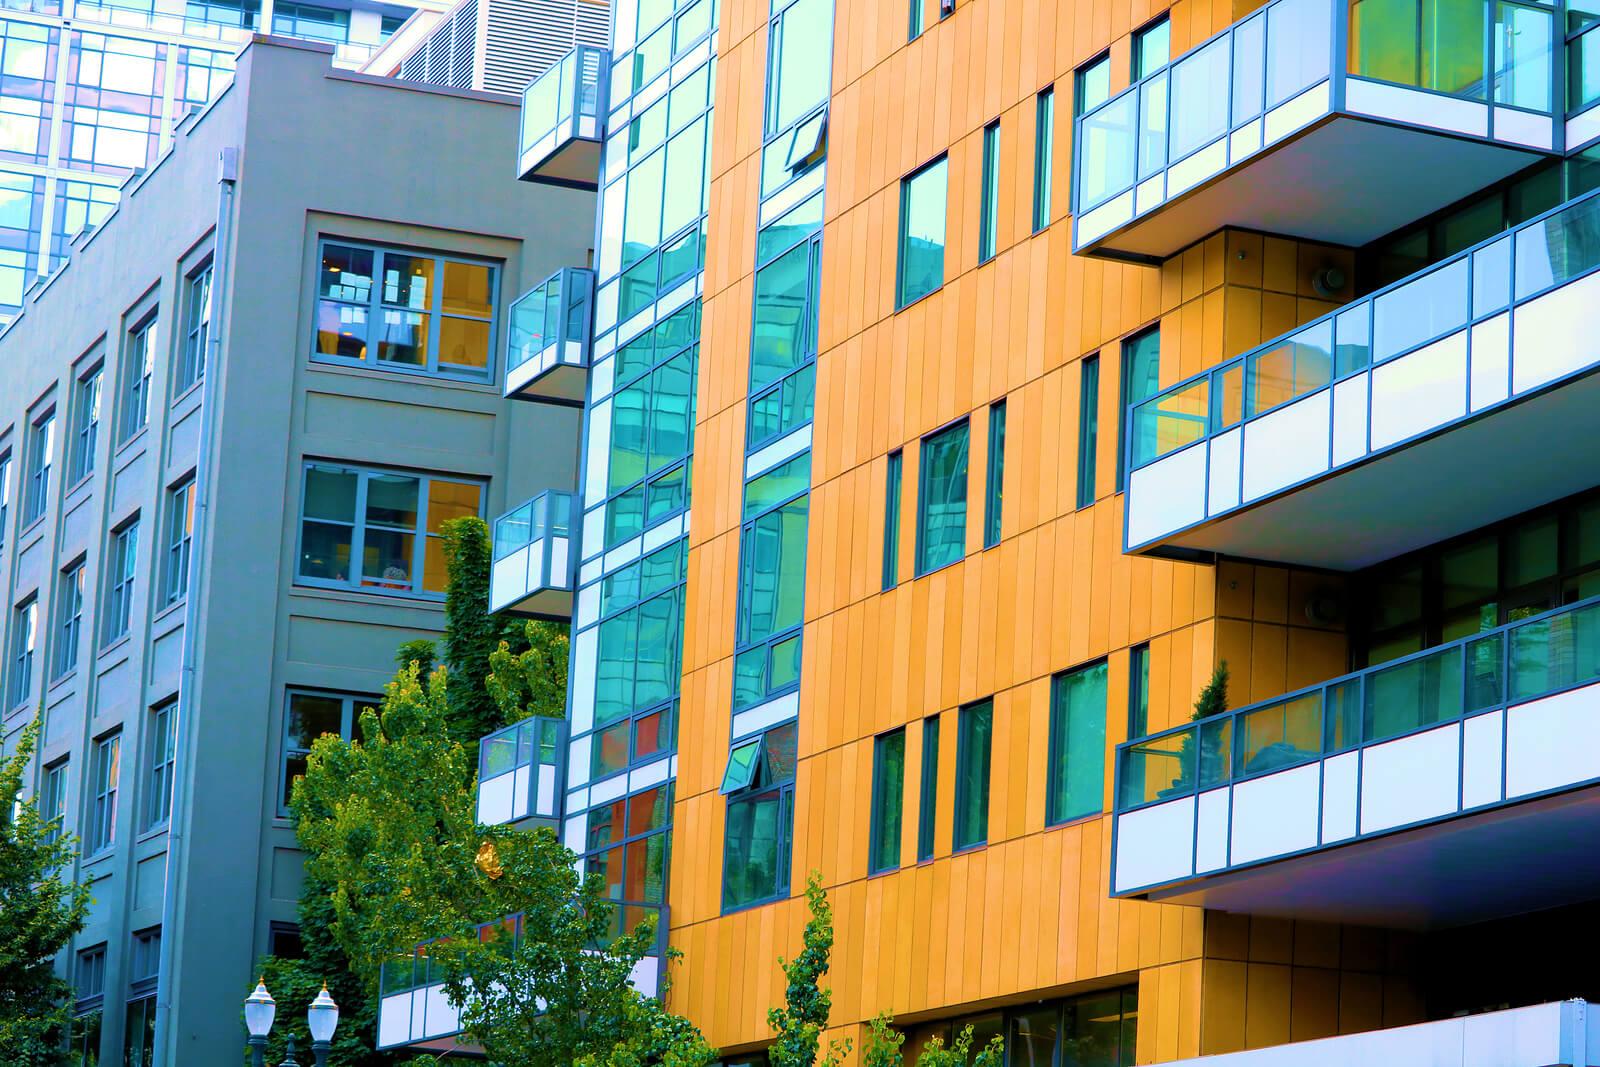 exterior of a condominium building